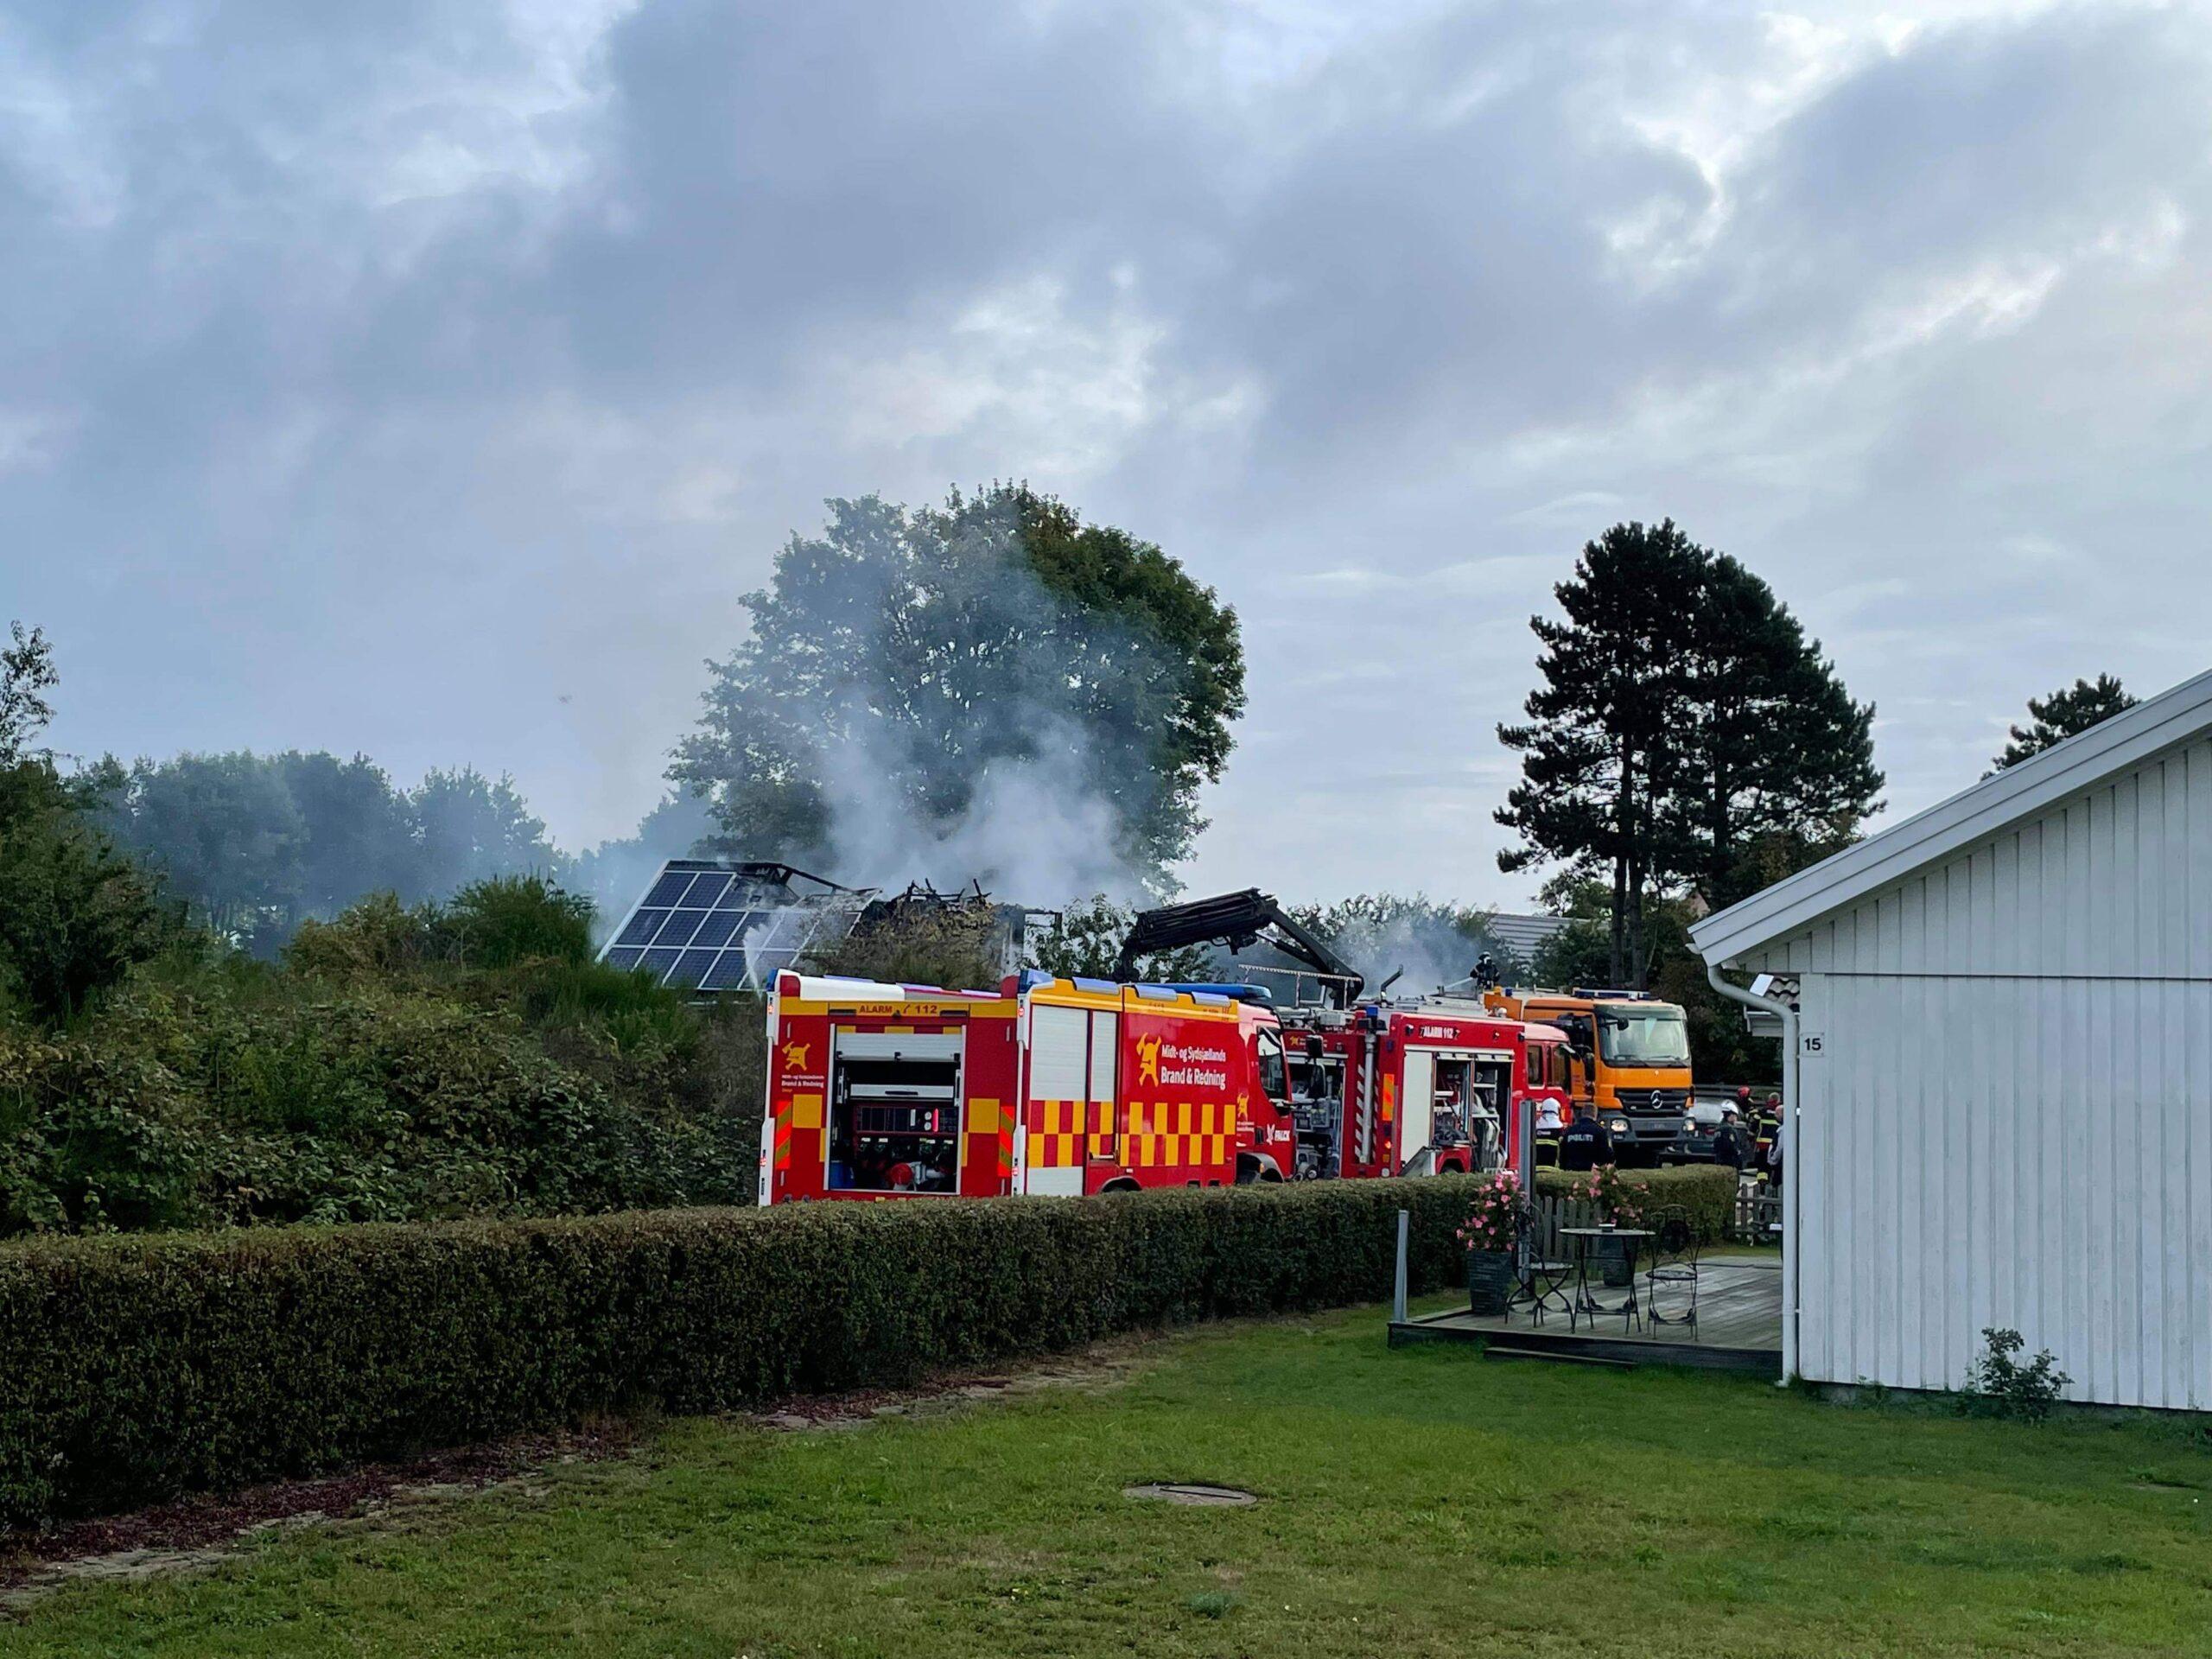 LIGE NU: Voldsom brand i institution - røg kan ses over 10 km væk